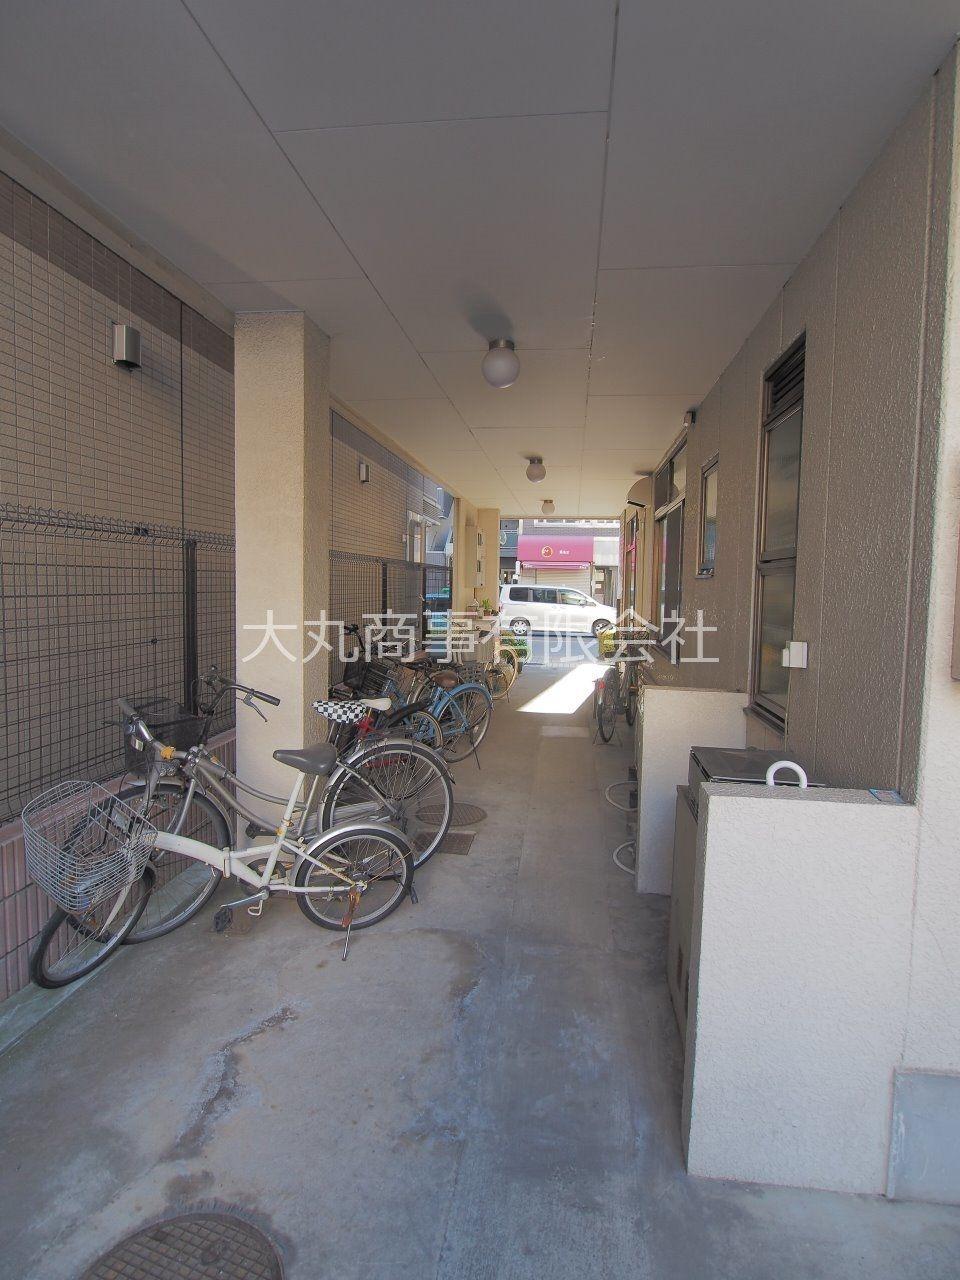 自転車置場は建物下にあるので雨でも濡れません